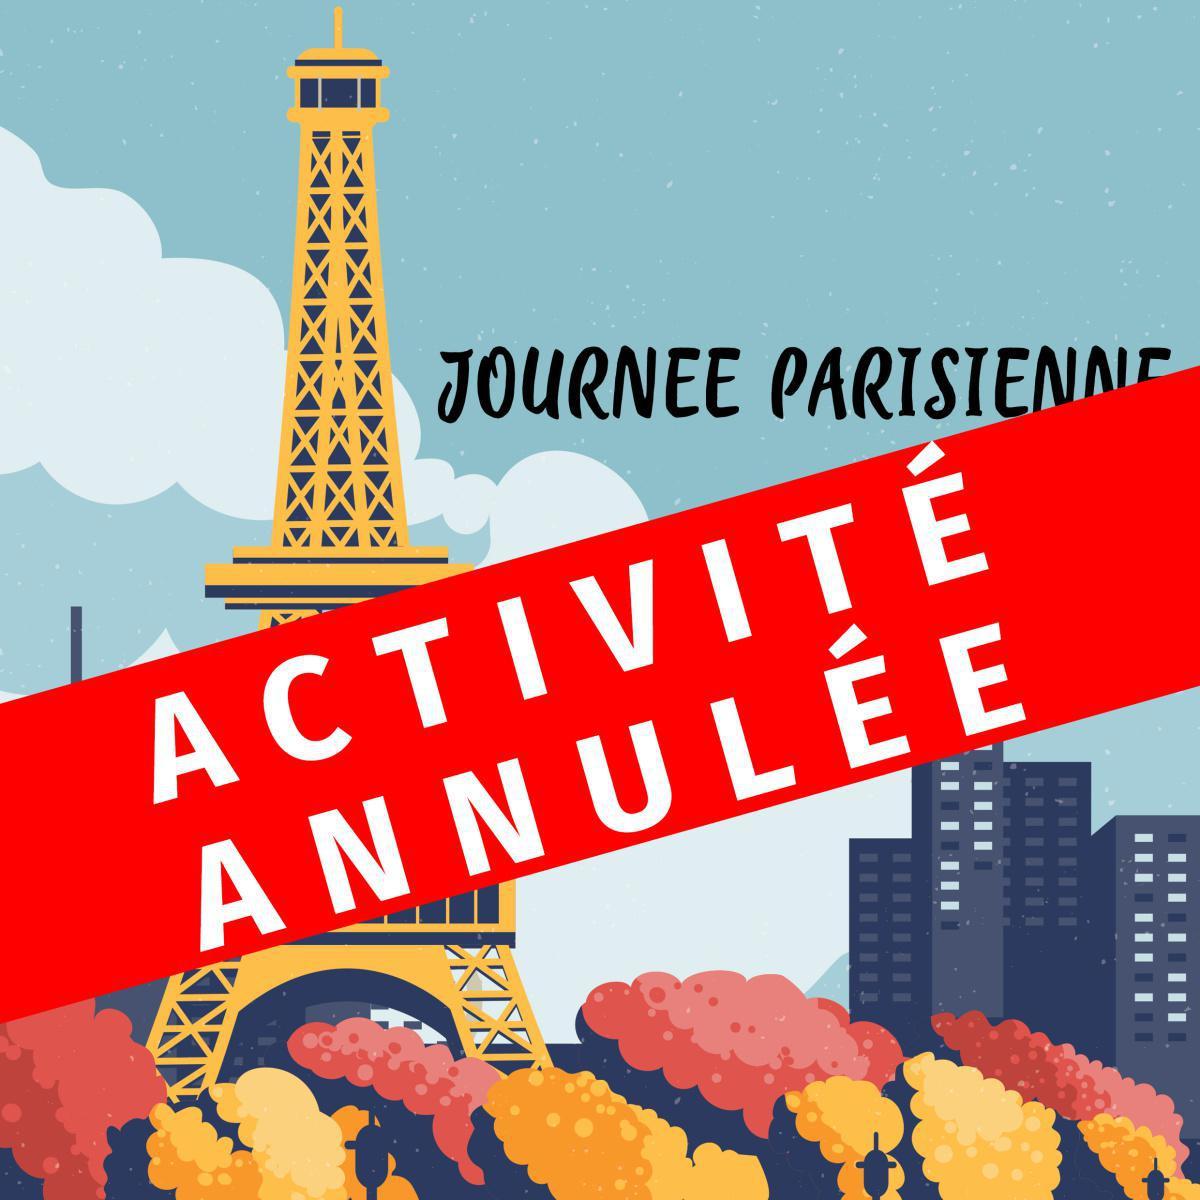 Activité annulée - Journée Parisienne